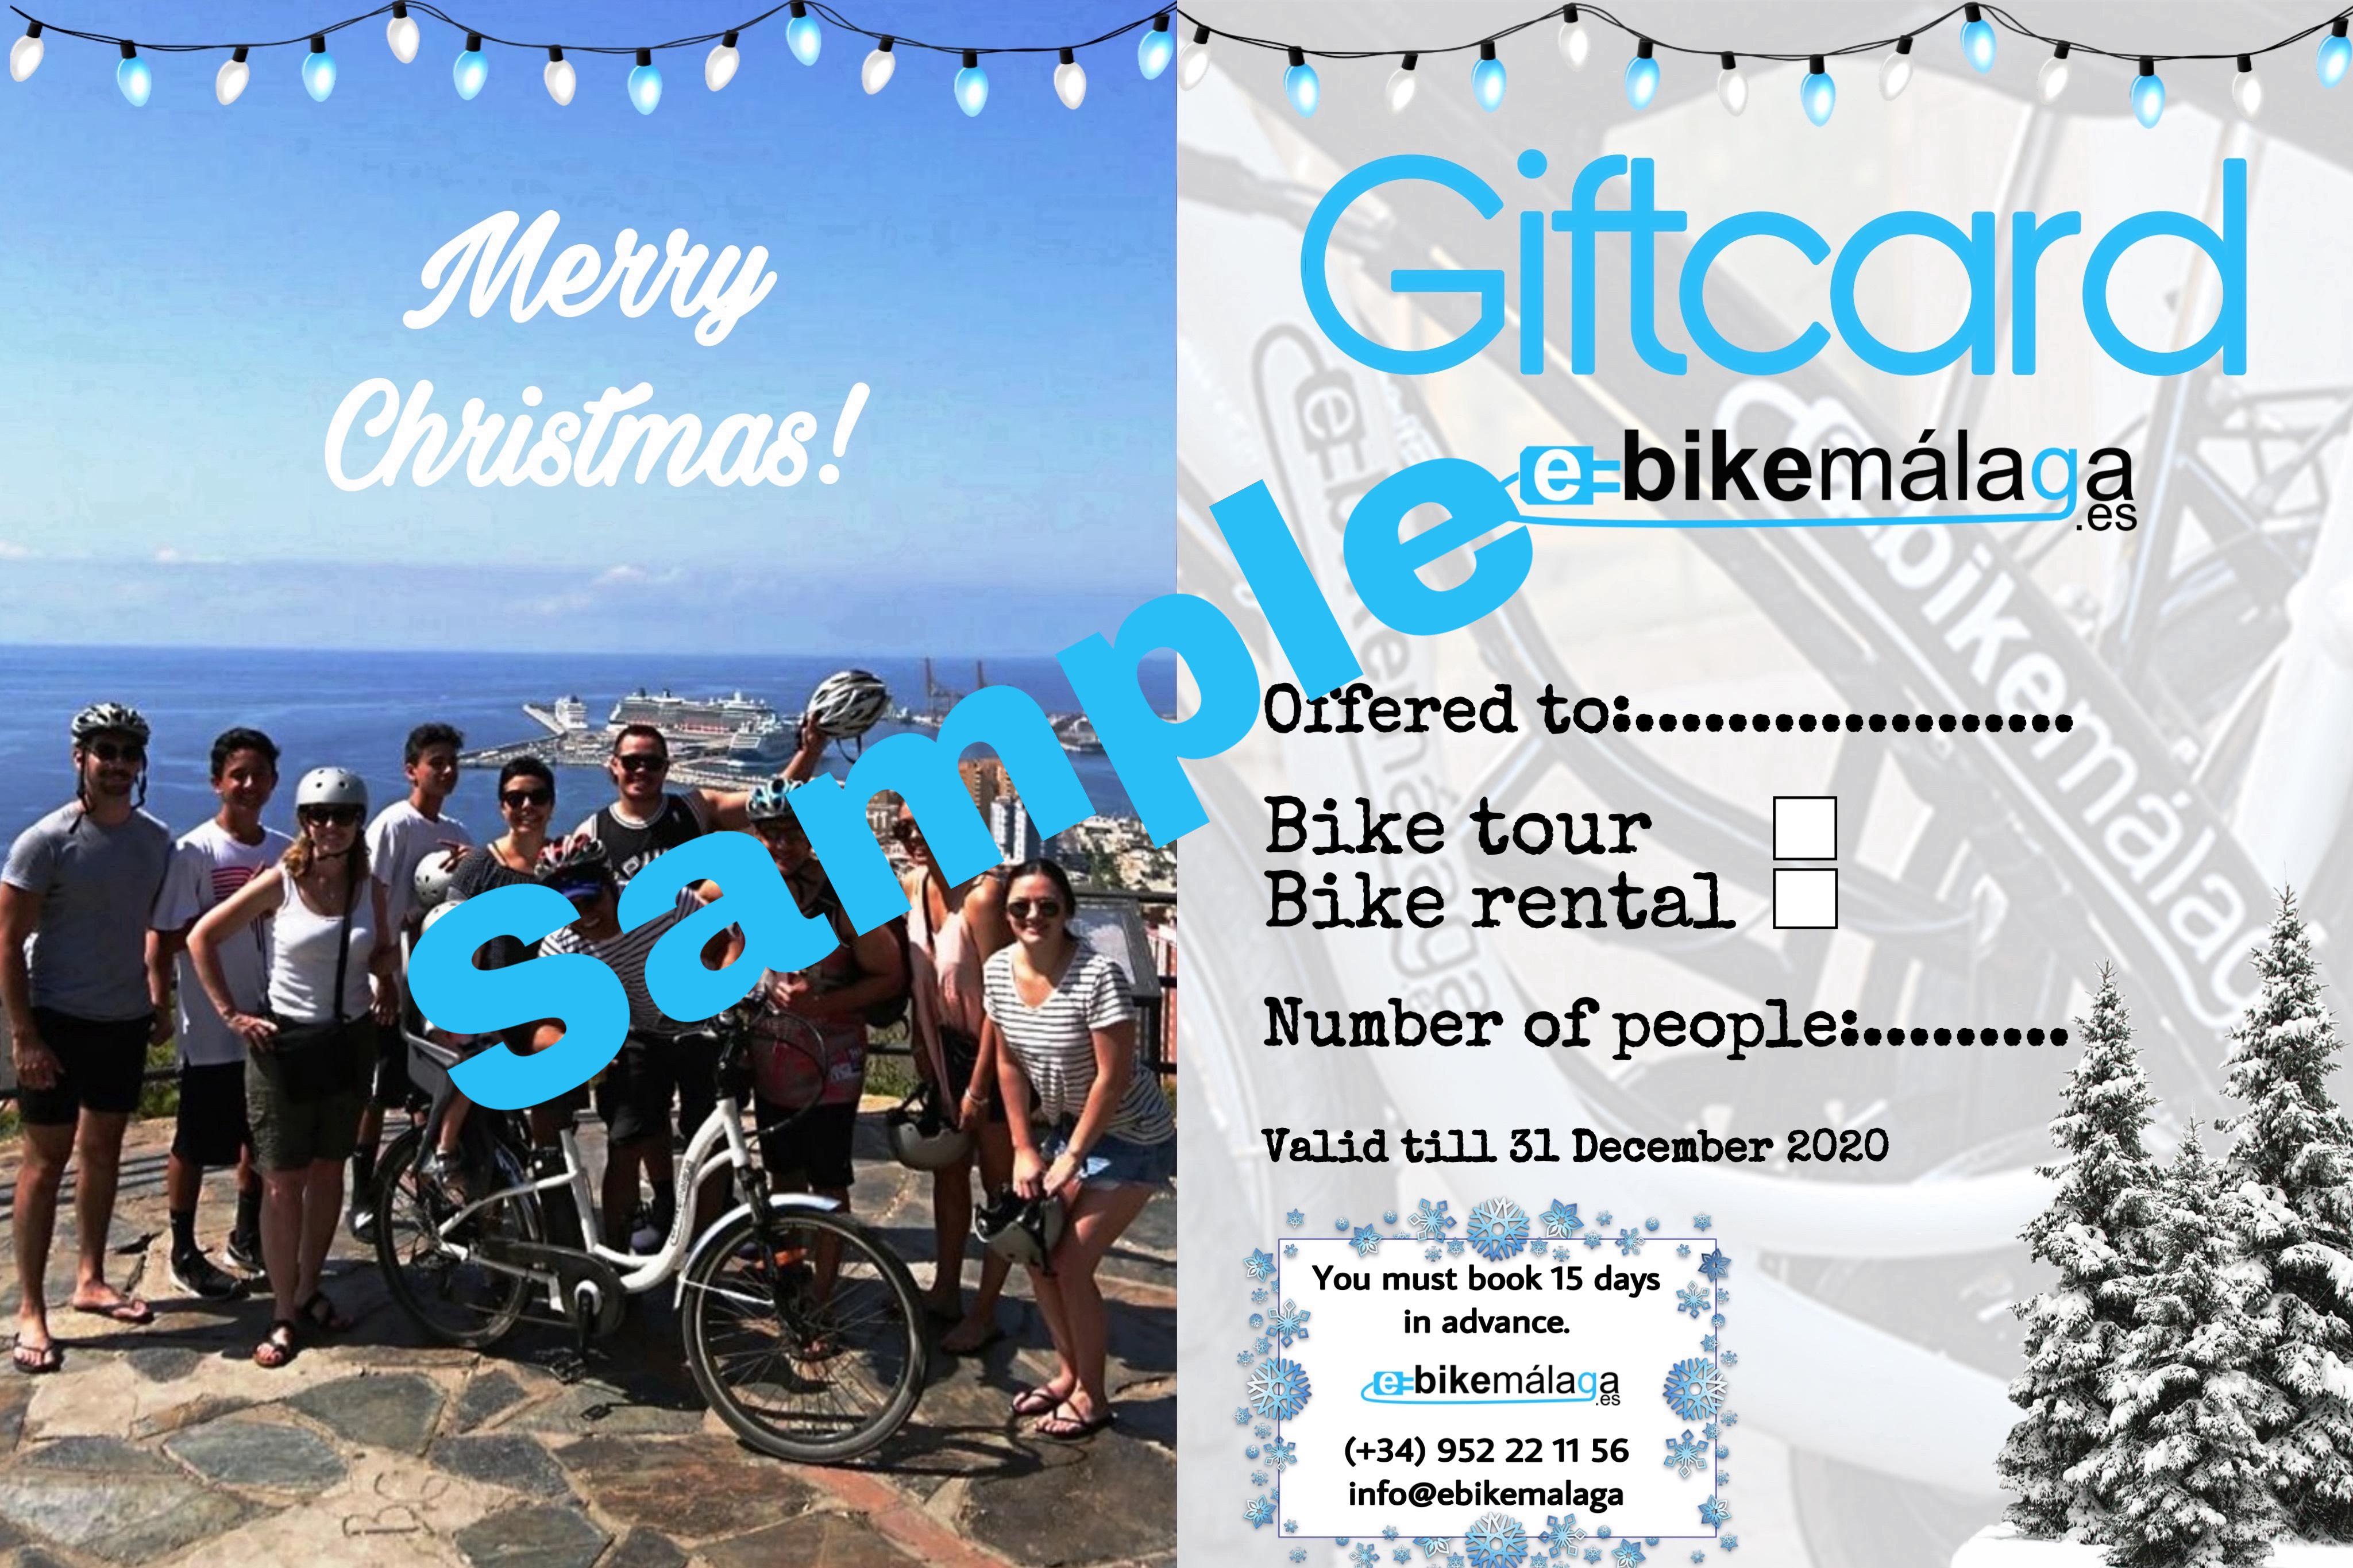 foto de bicicletas eléctricas en Malaga